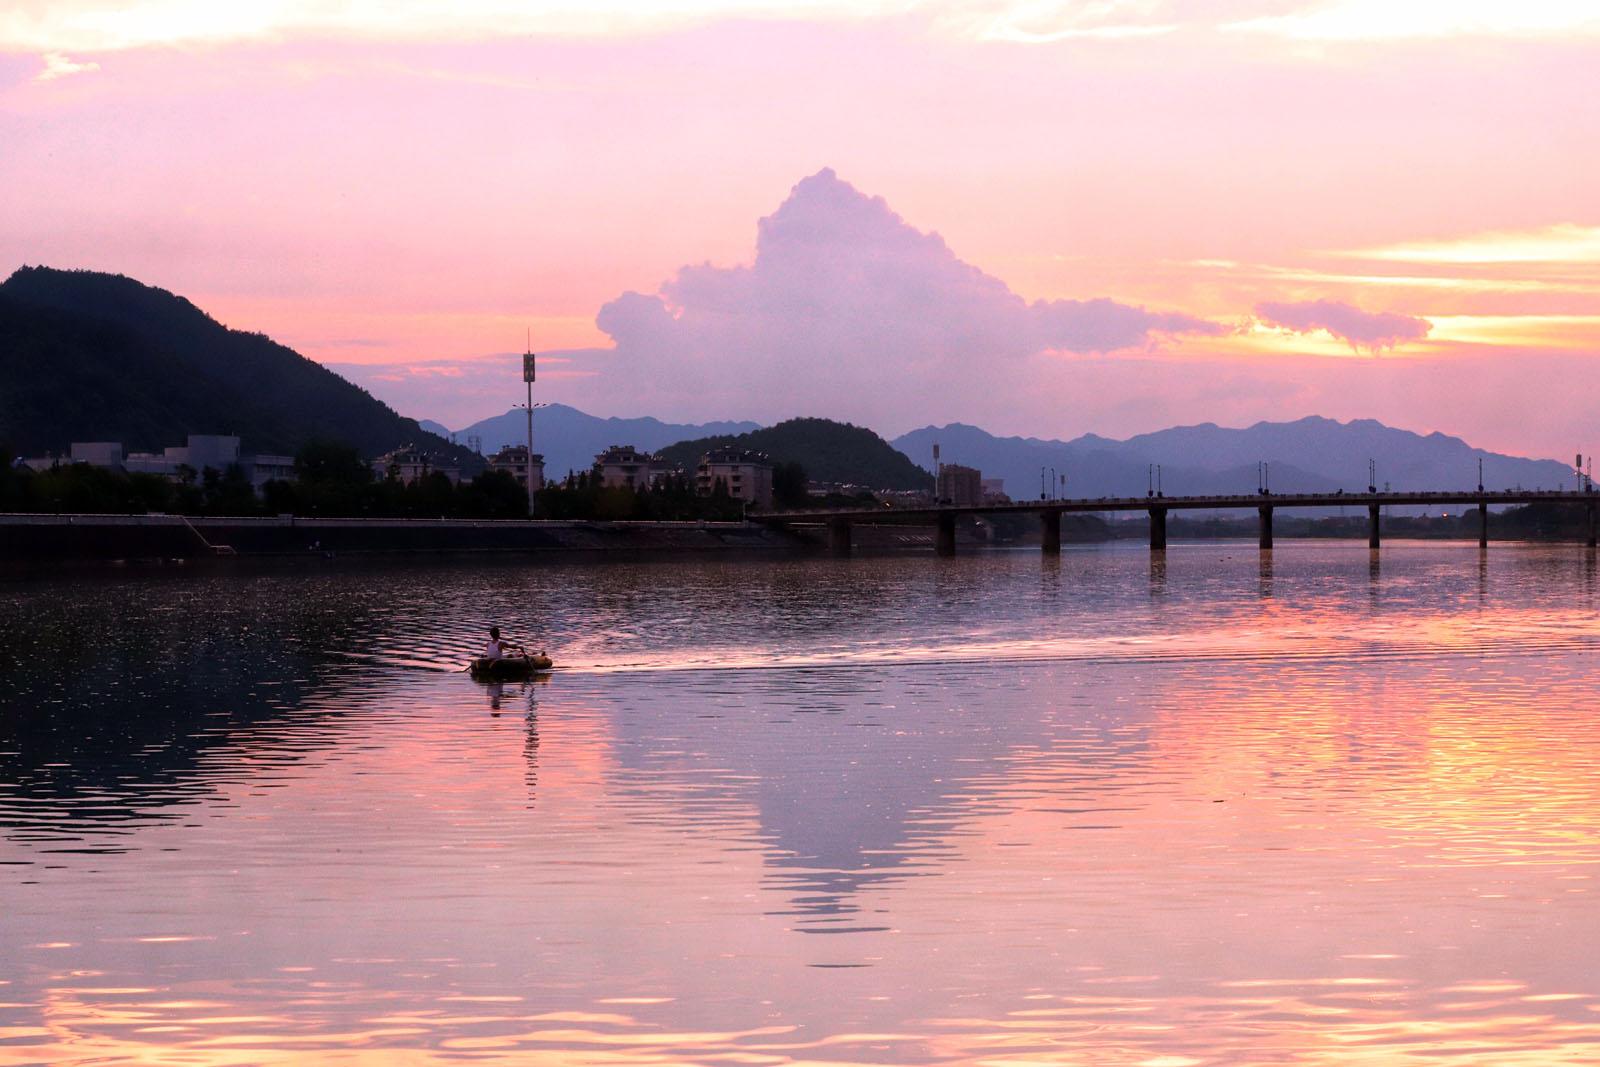 夕阳下的常山港,真的美呆了